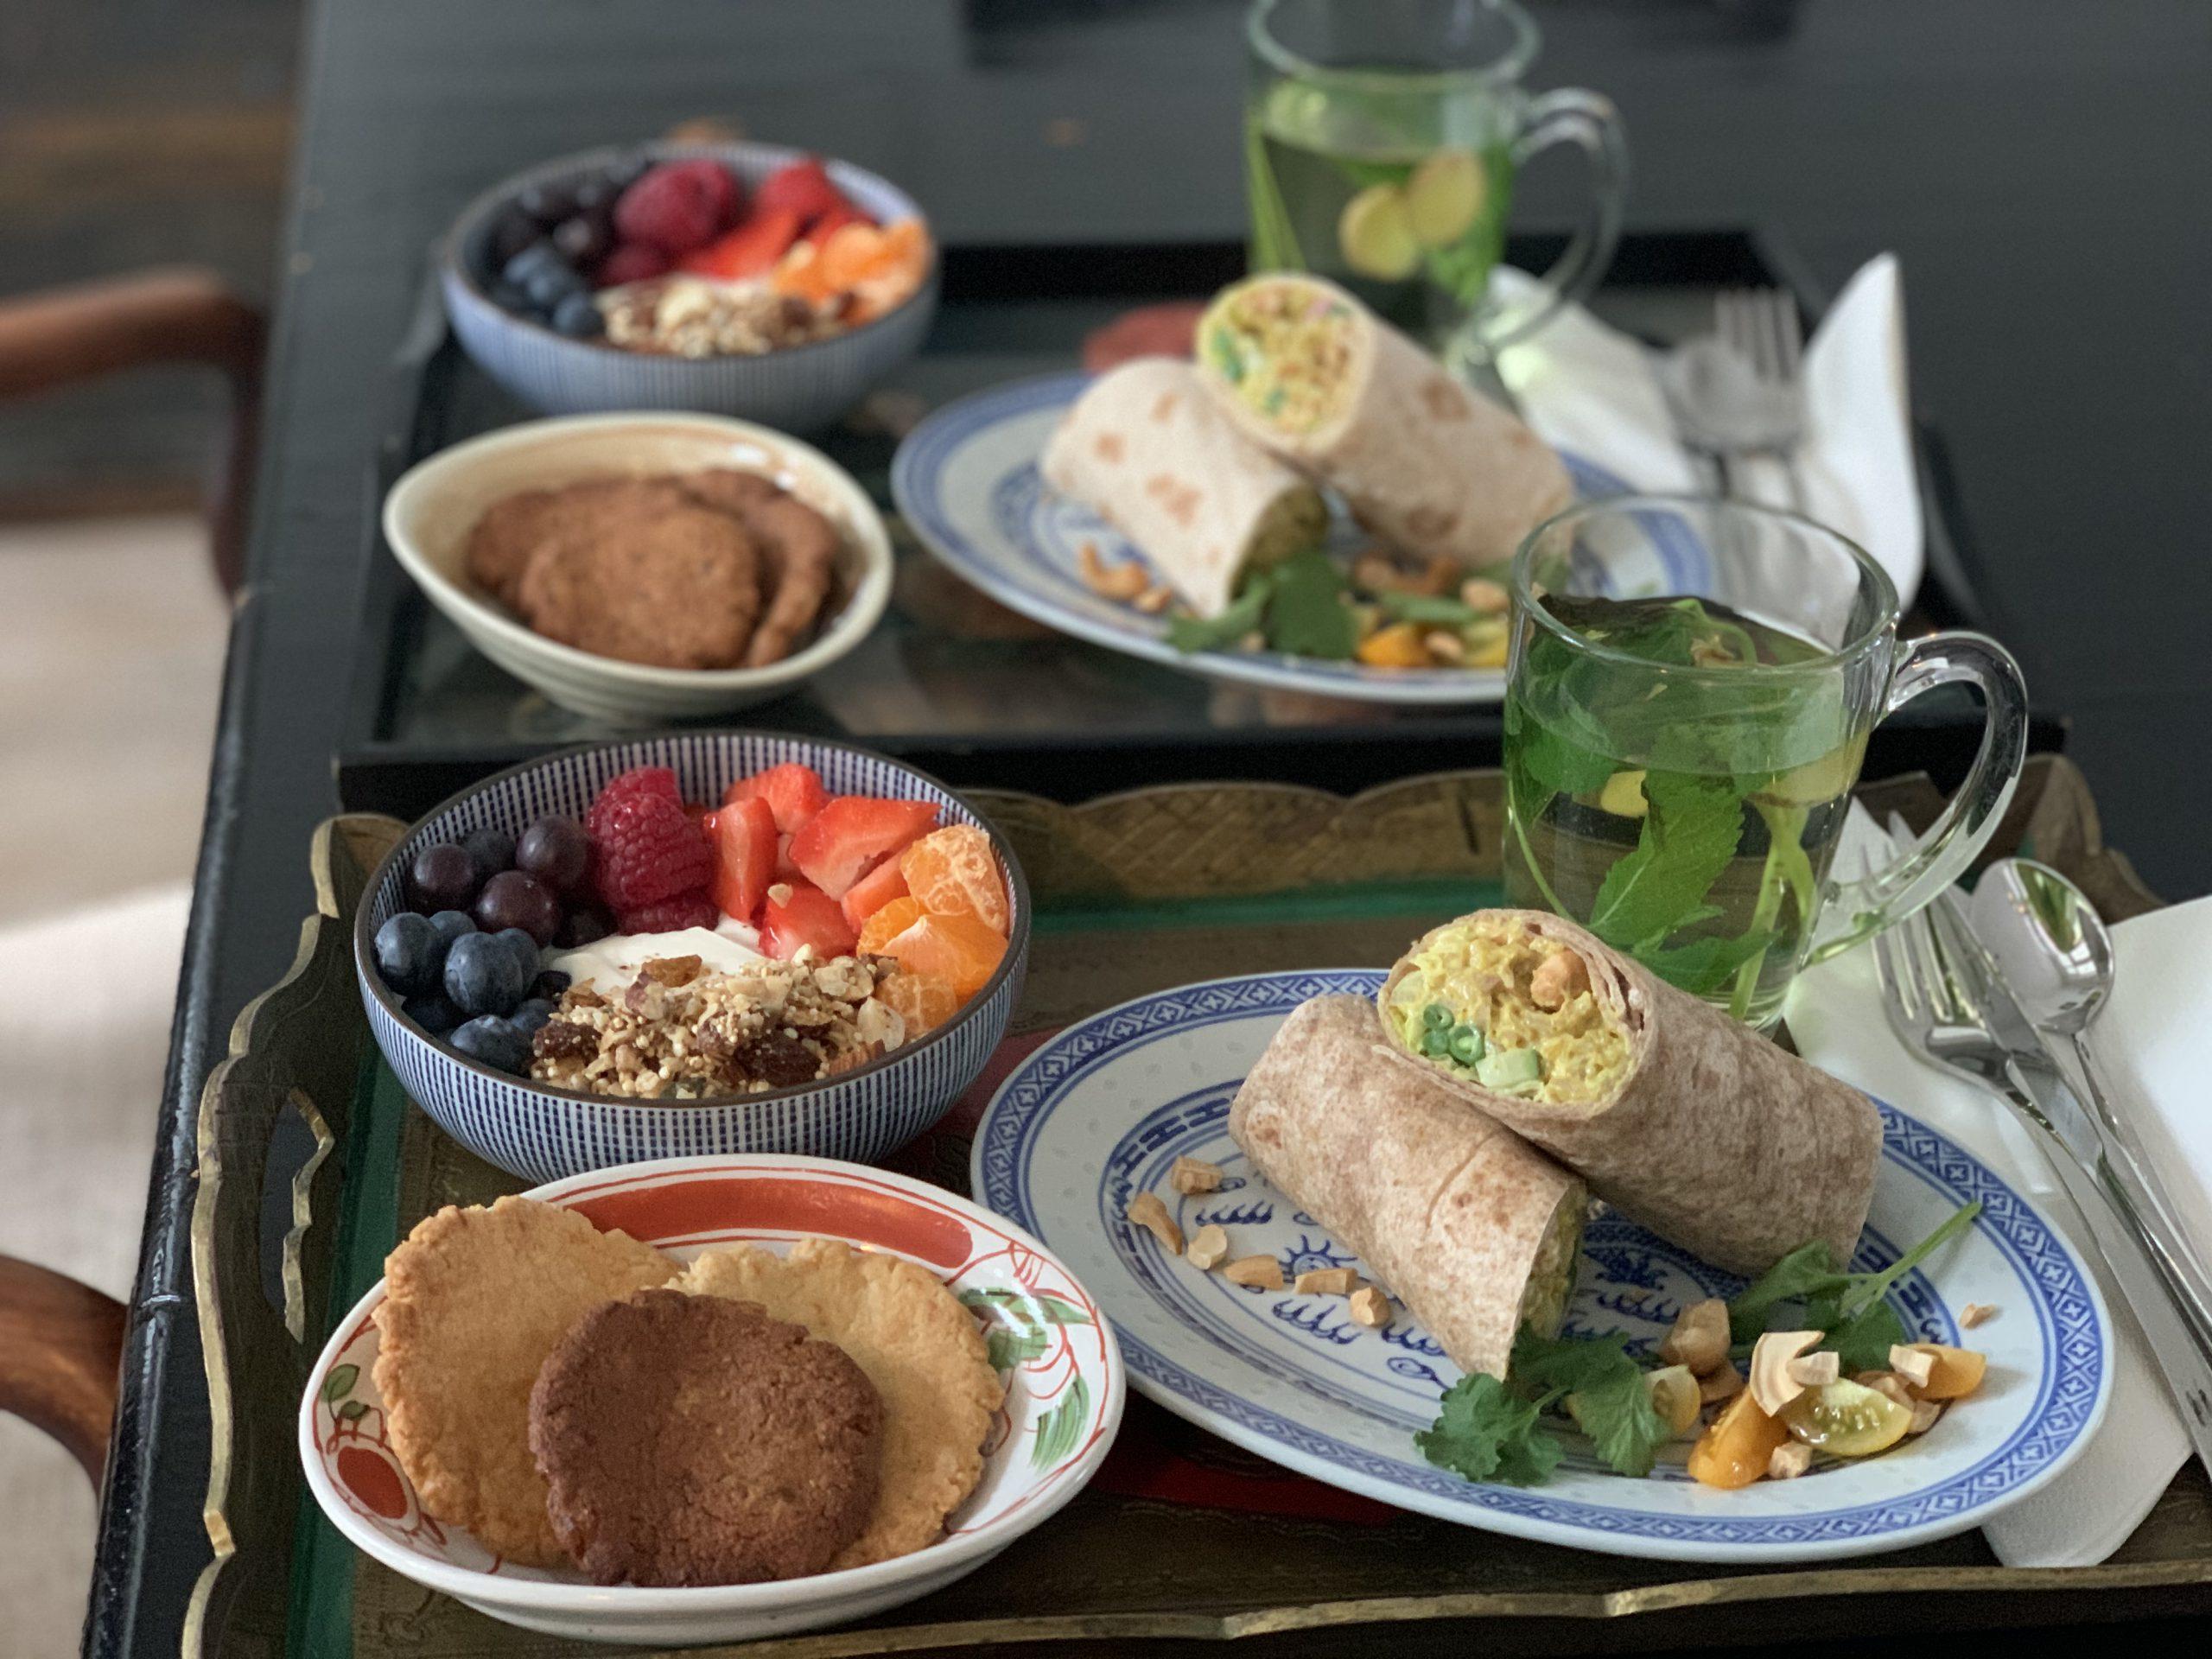 vegetarisch ontbijt b&b valkenbos met kerrie wrap